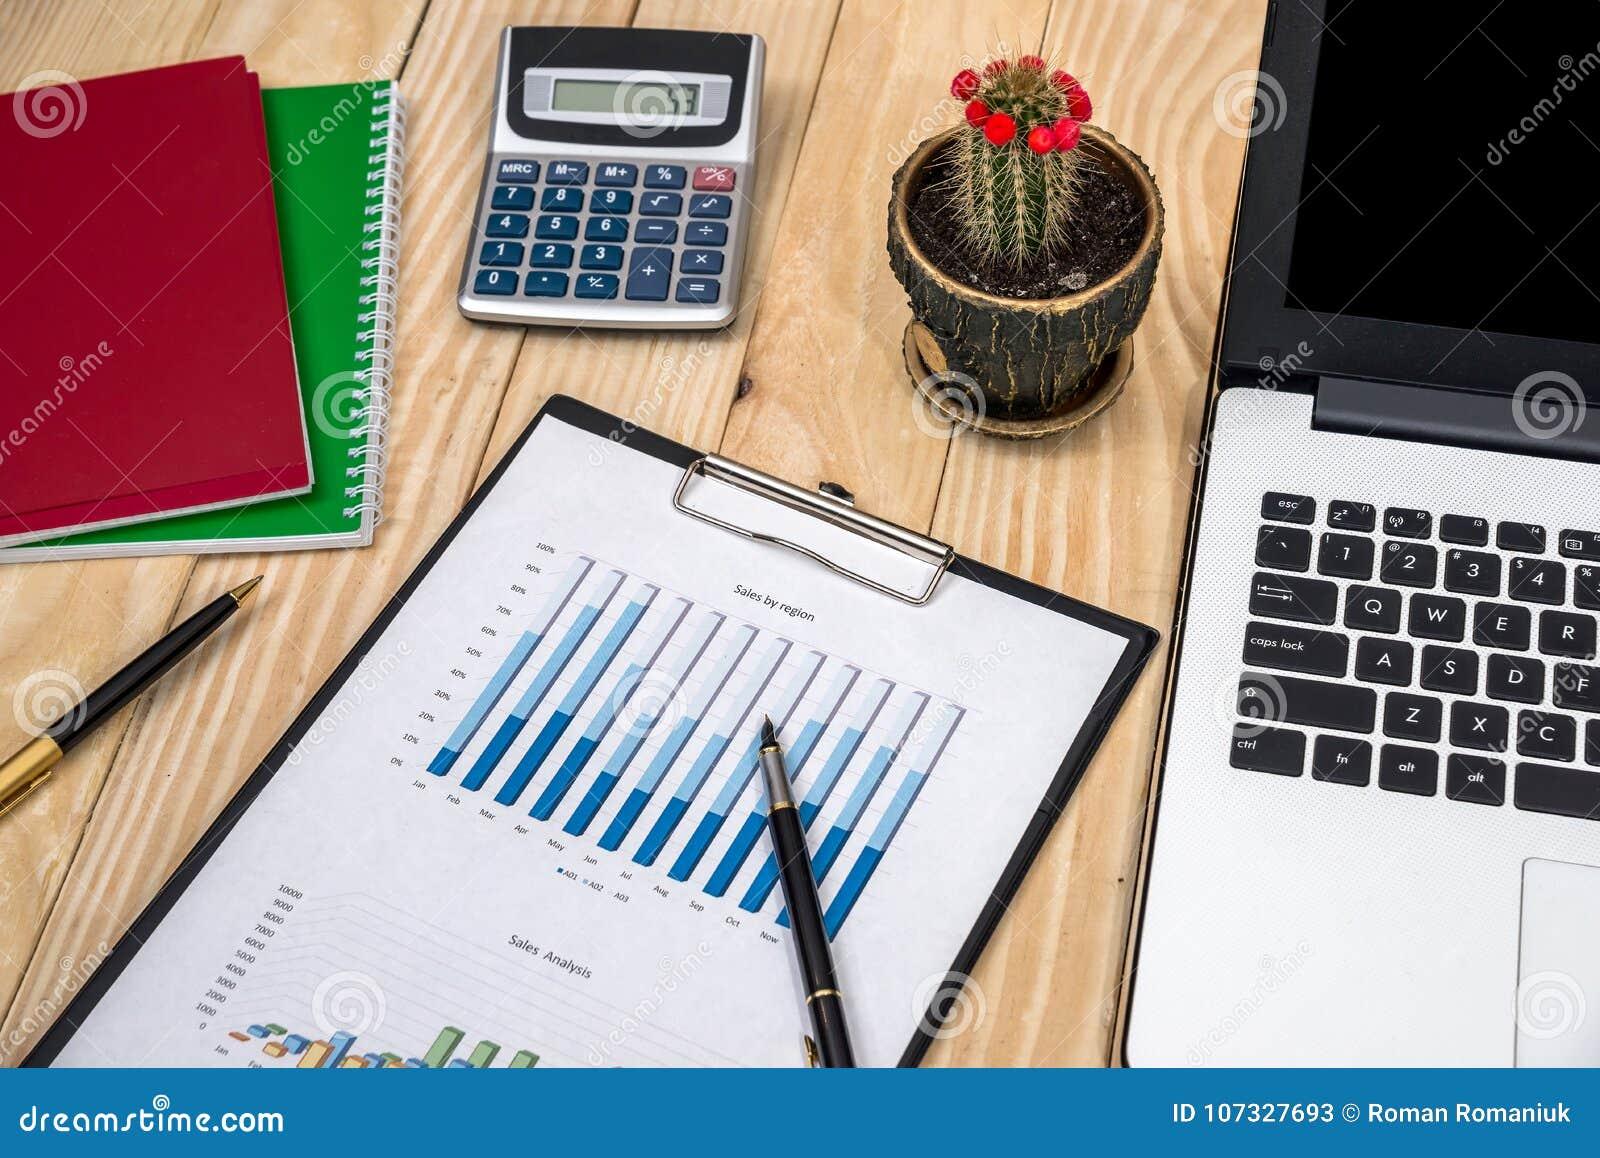 Espacio de trabajo con el gráfico, el ordenador y otros herramientas